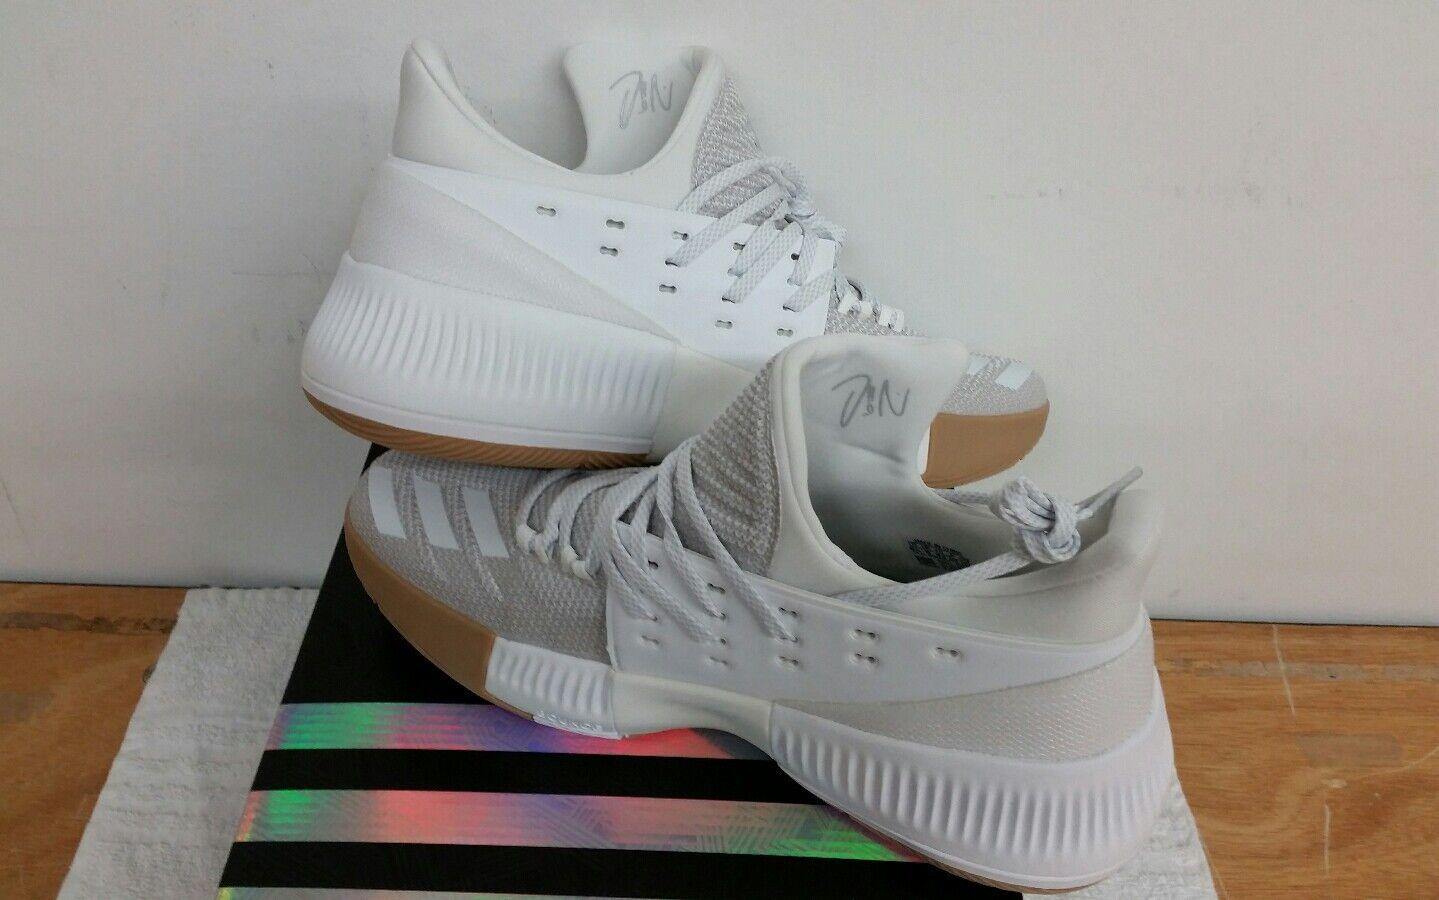 Adidas d da lillard 3 dame scarpe da d basket 2017 - nuovo - 8 bw0323 04a5f2